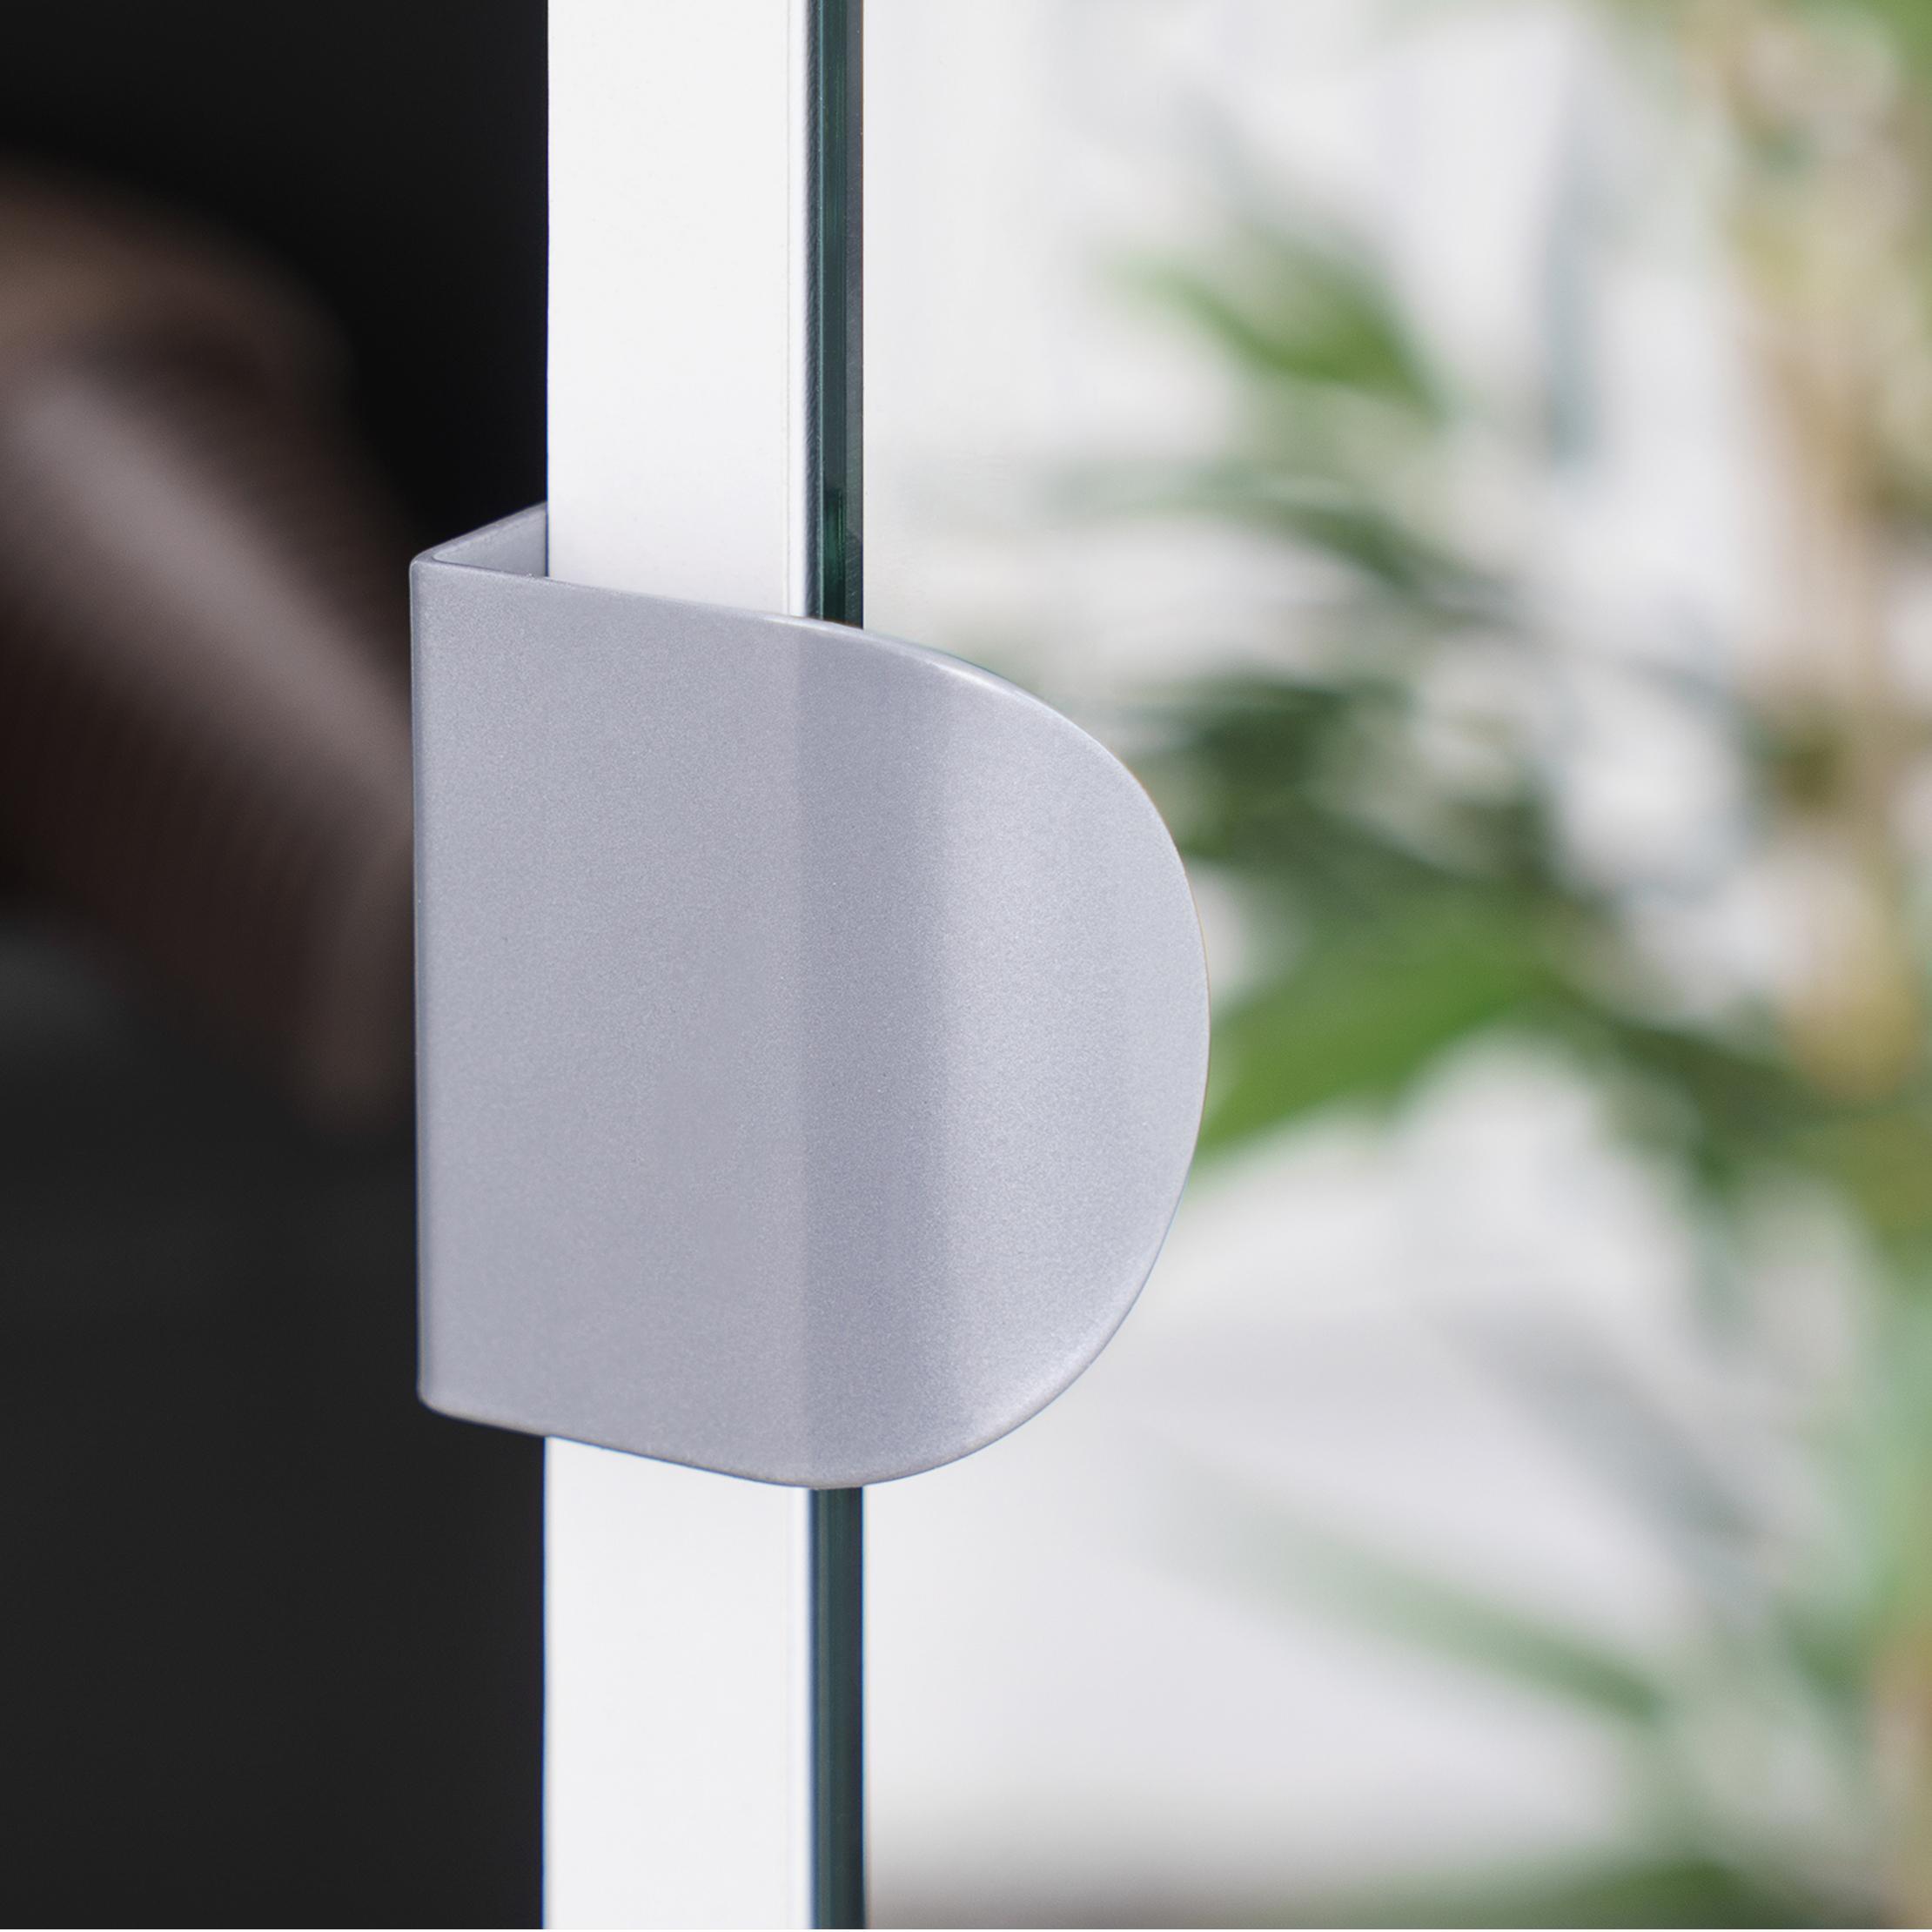 spiegelschuhschrank schuhschrank mit spiegelt r b h t. Black Bedroom Furniture Sets. Home Design Ideas